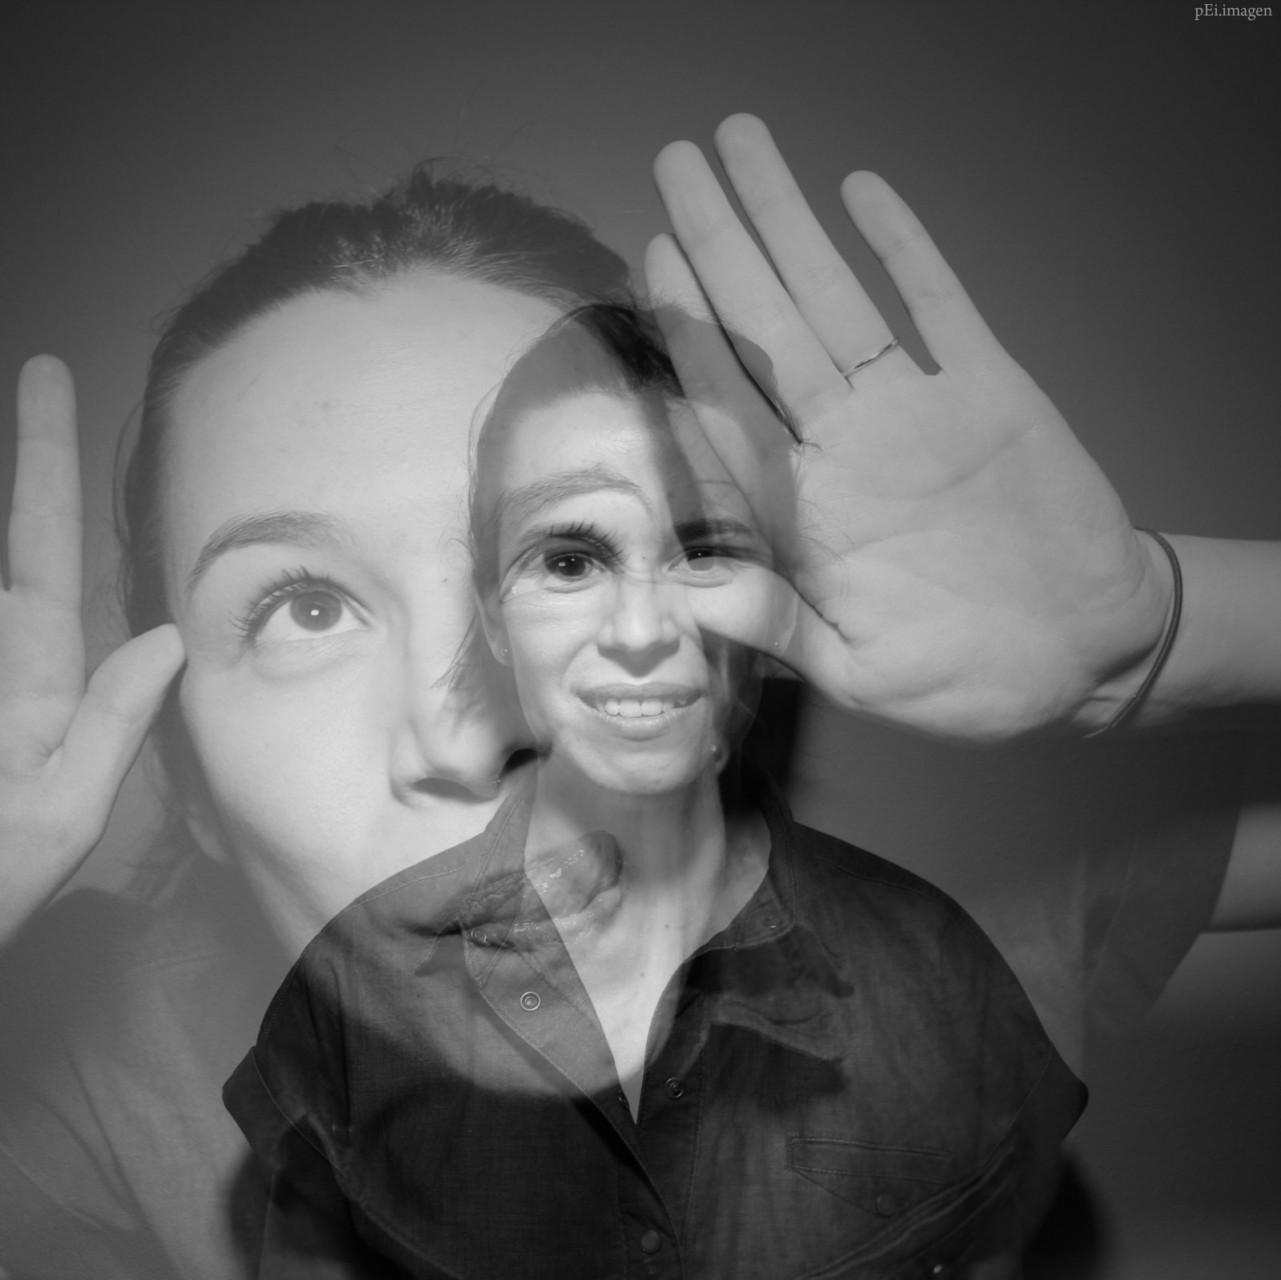 peipegata me myself I proyectos fotografia peipegatafotografia # 023 Maria Lopez Allende